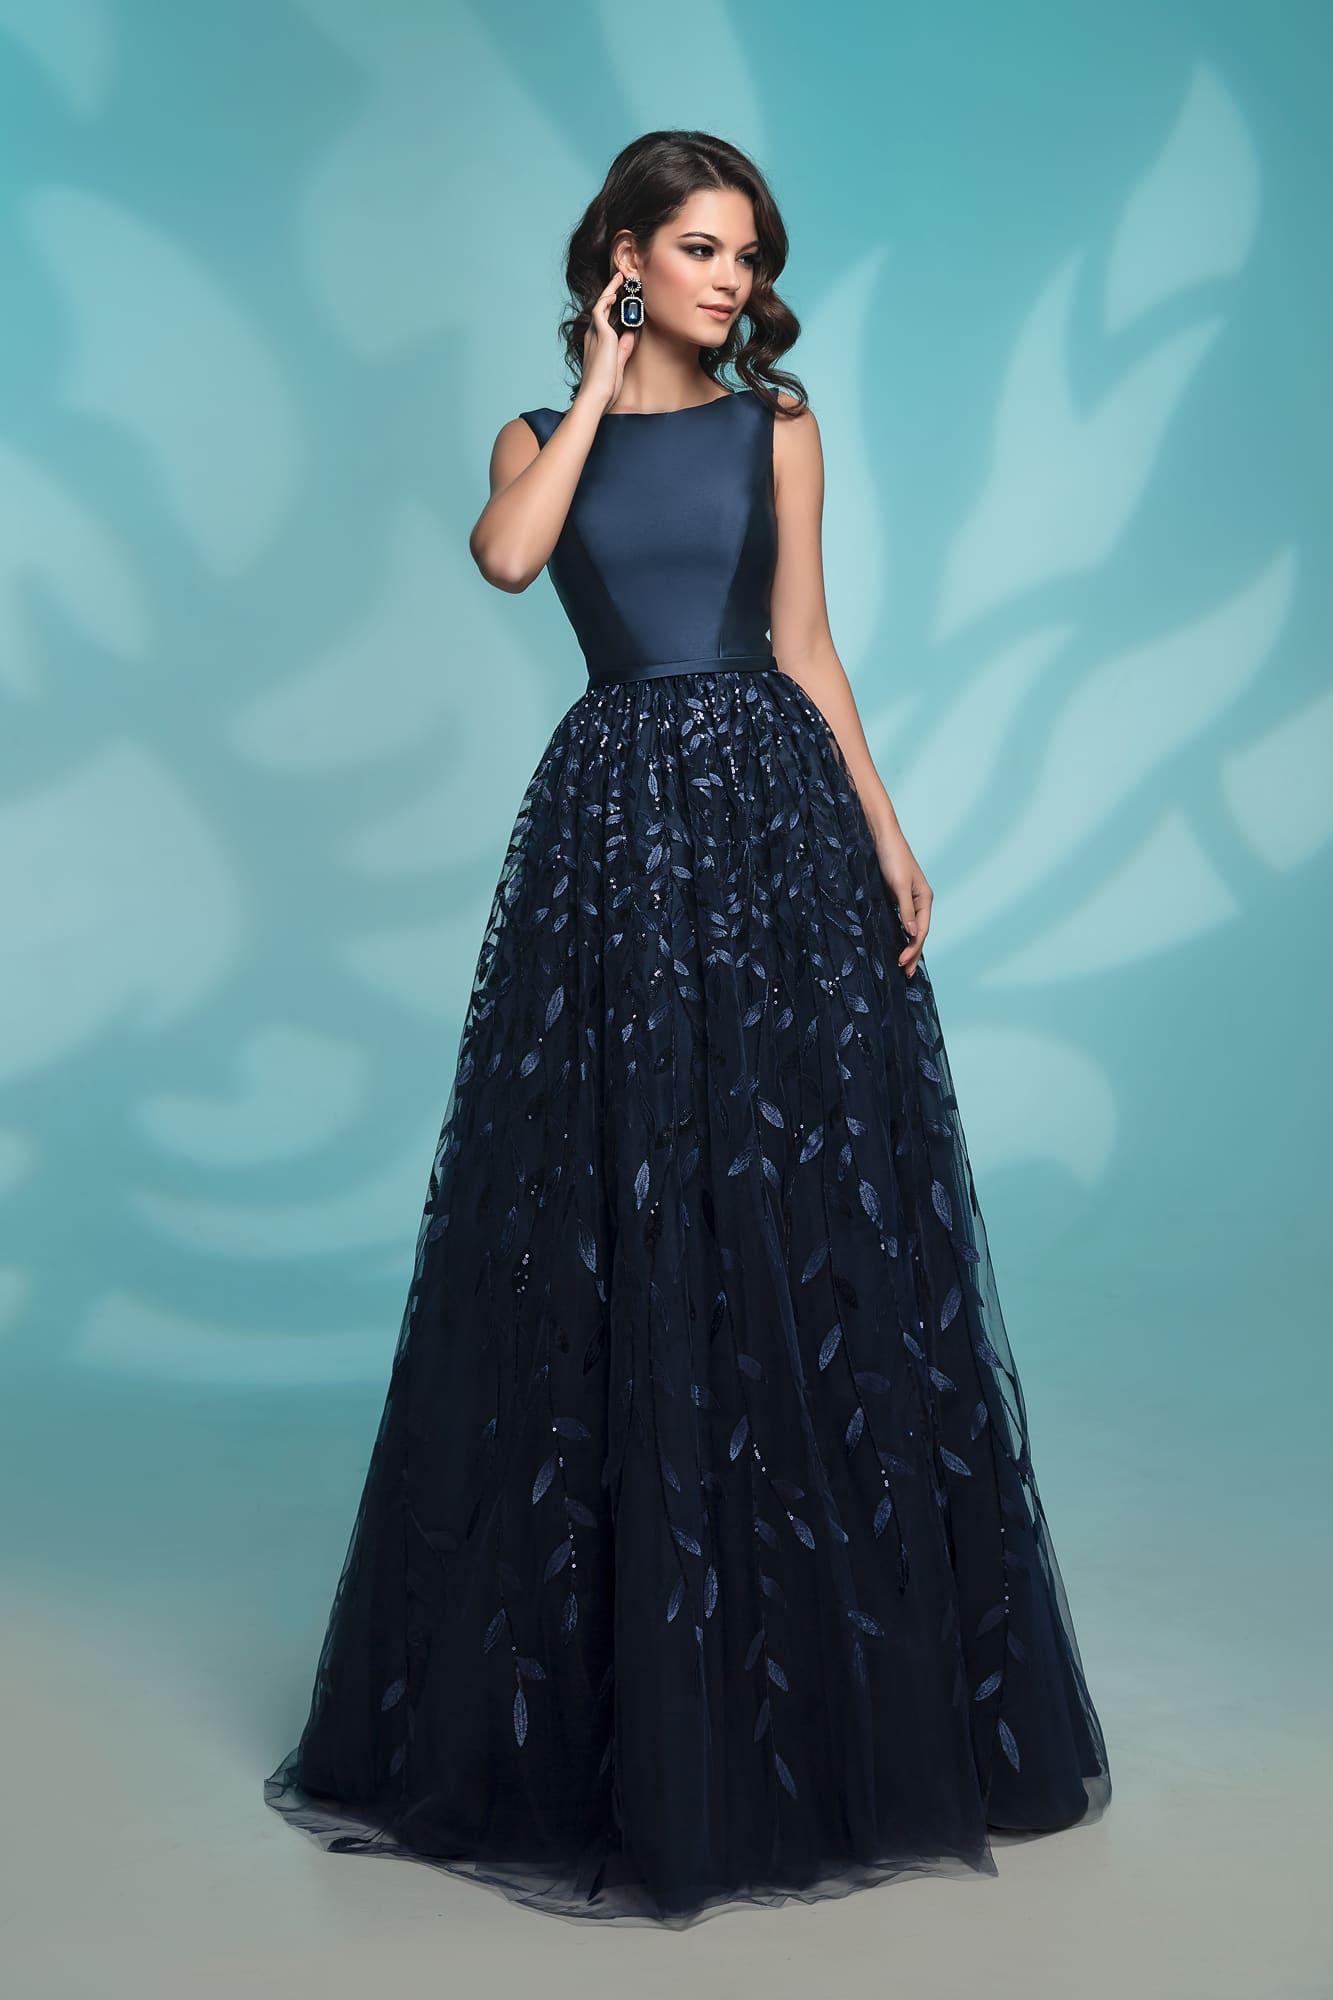 0f9ecc84111 Темно-синее вечернее платье Nora Naviano 72768 navy ▷ Свадебный ...